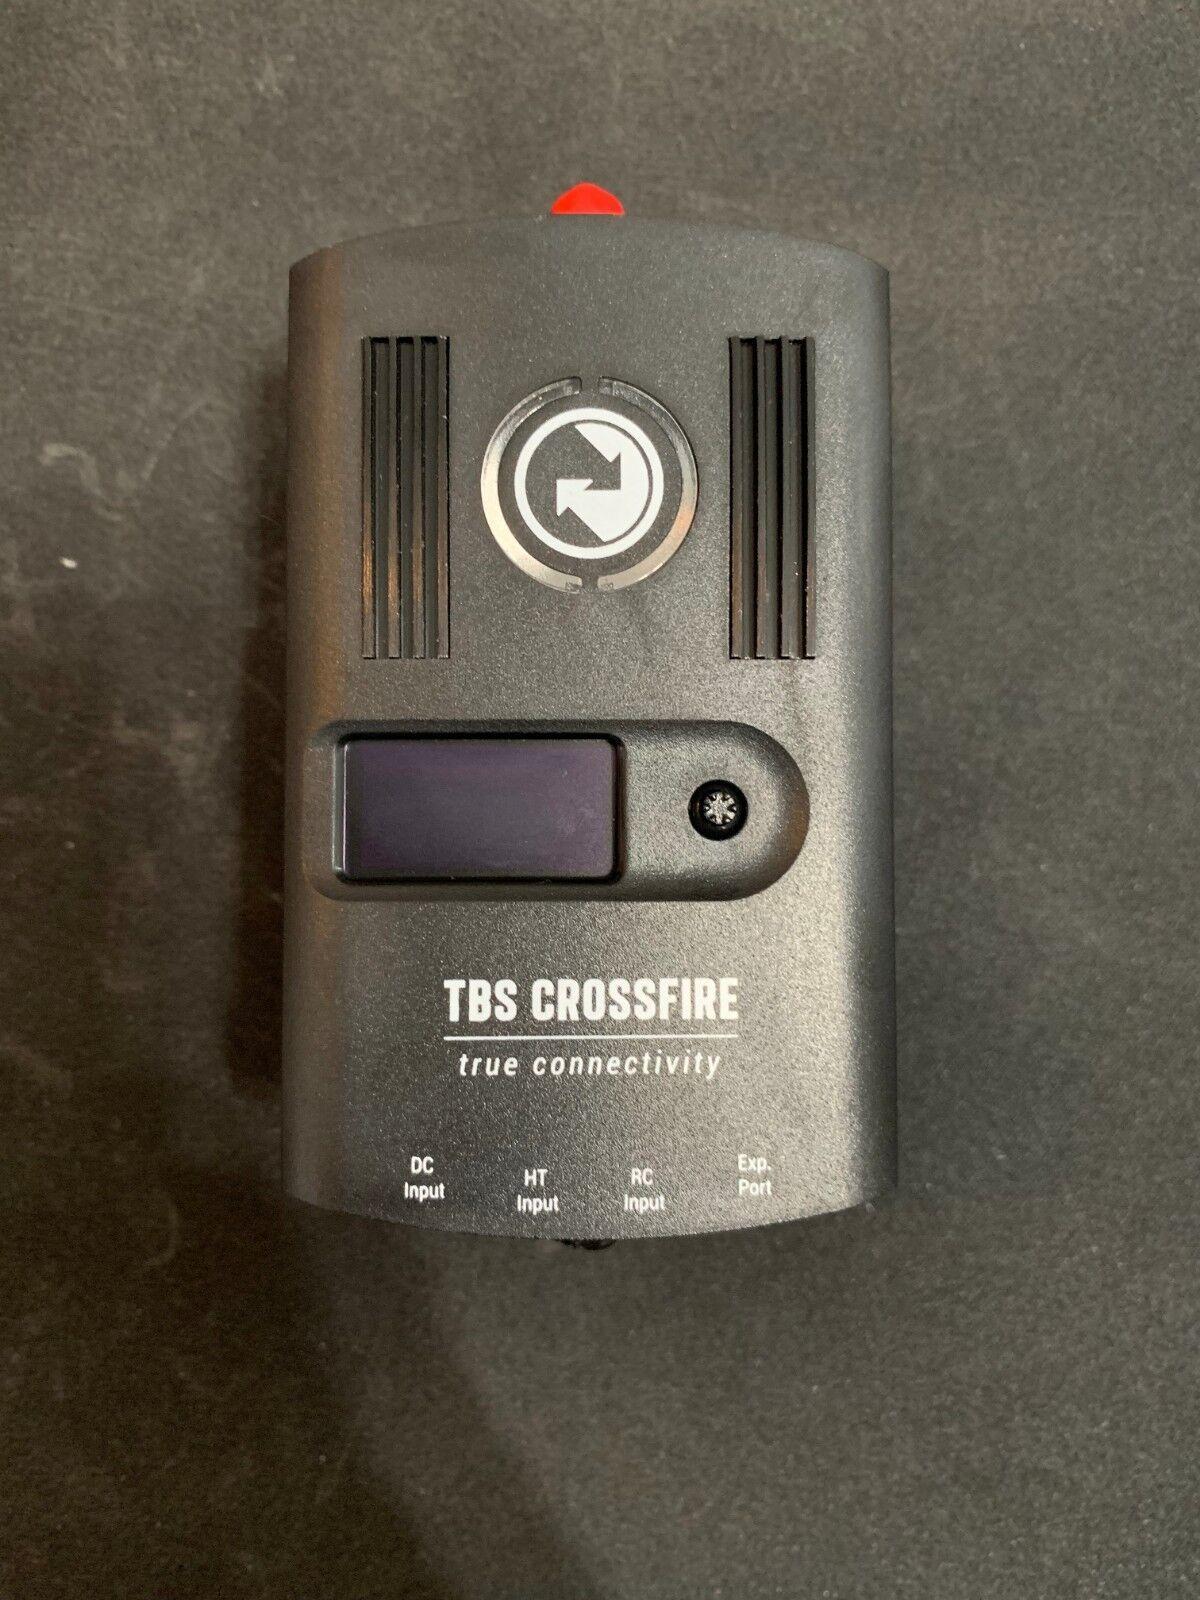 ventas en linea Equipo-Negrosheep TBS Crossfire Crossfire Crossfire & TBS Crossfire Micro Receptor  ahorra hasta un 70%